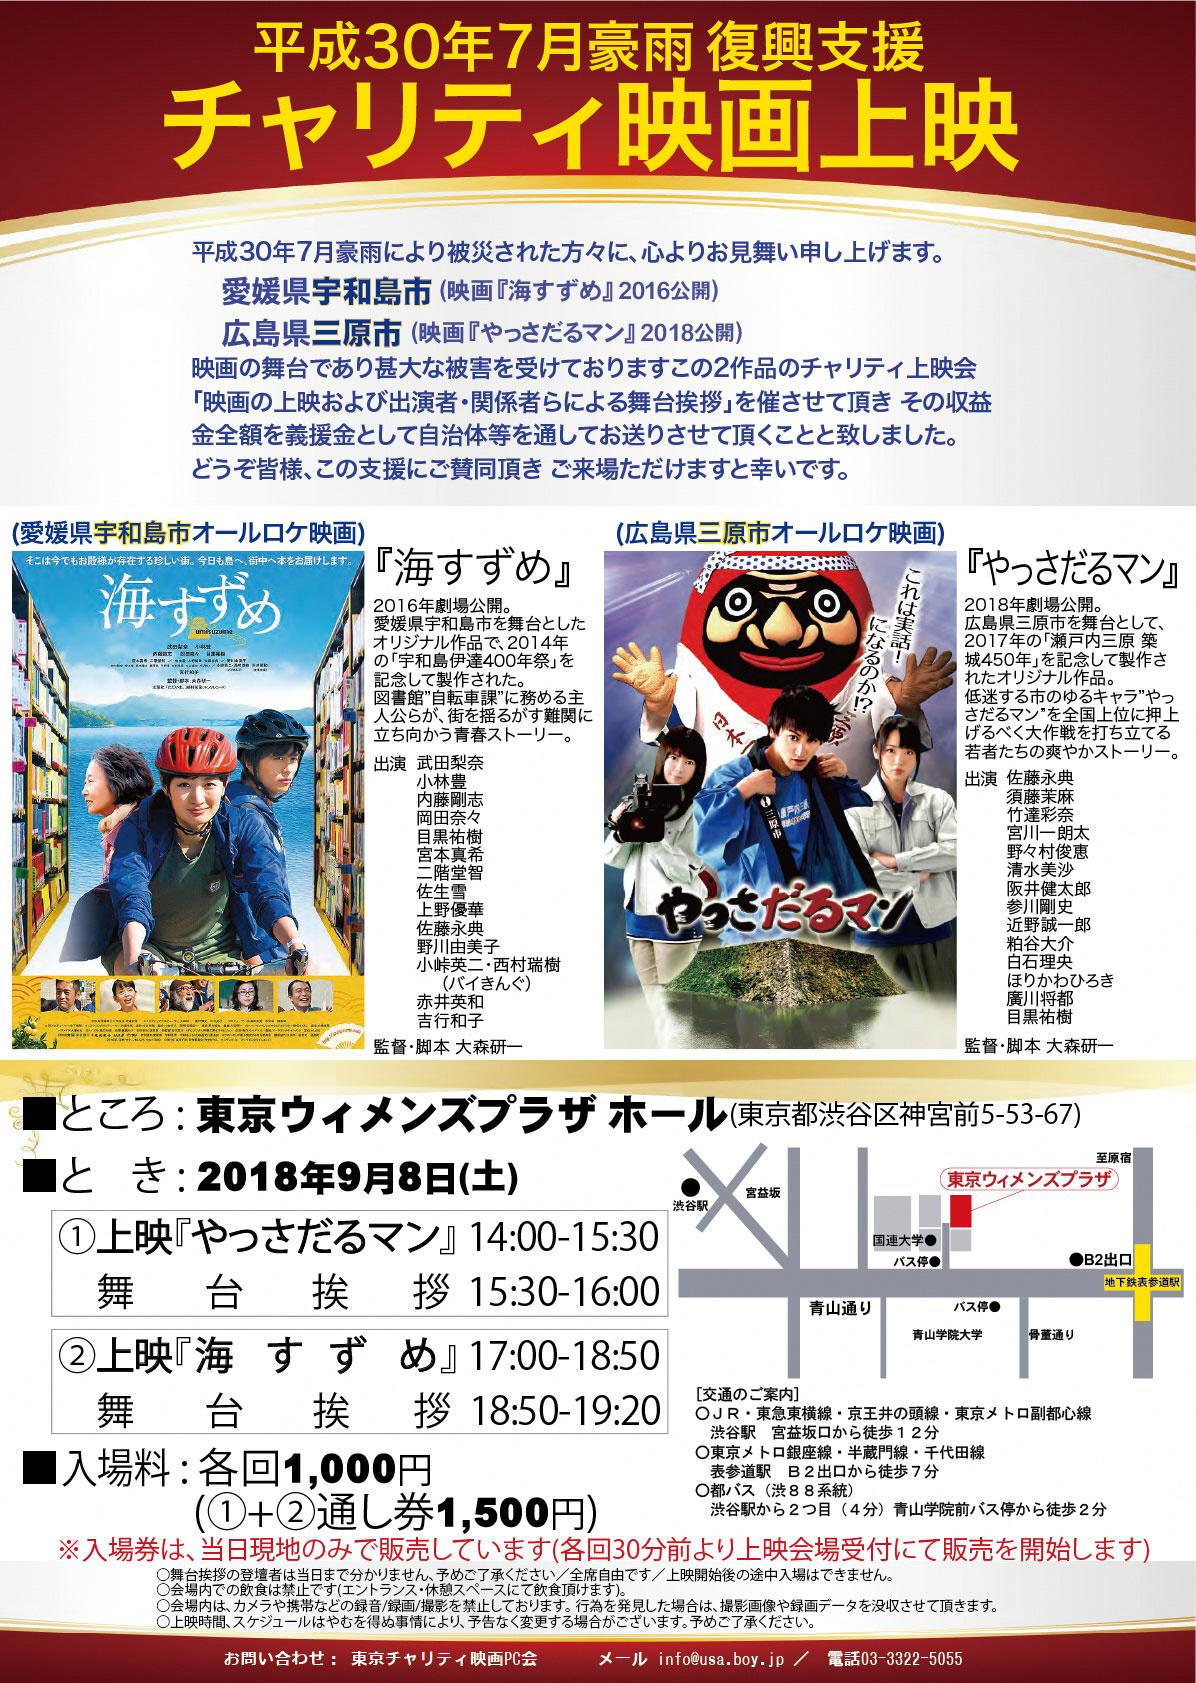 広島県三原市、愛媛県宇和島市を舞台とした映画を見て、復興支援をしよう@9/8、東京ウィメンズホール